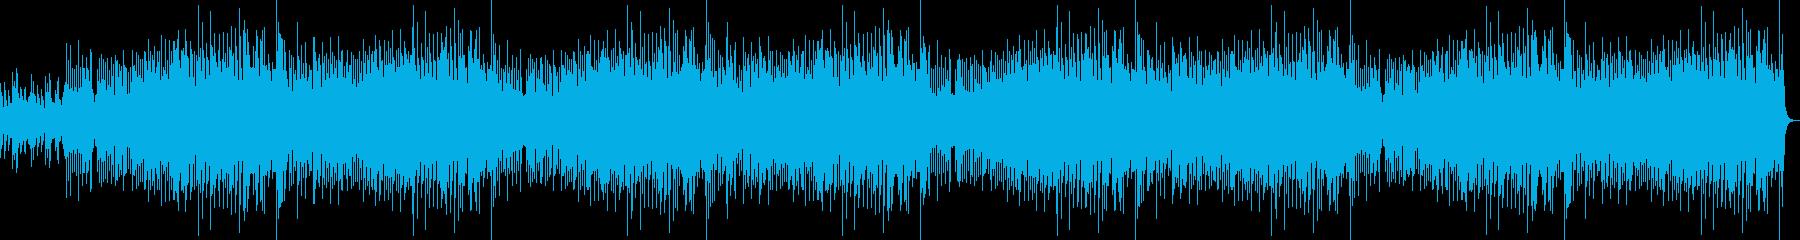 ピアノ中心の心あたたまるBGM10分の再生済みの波形